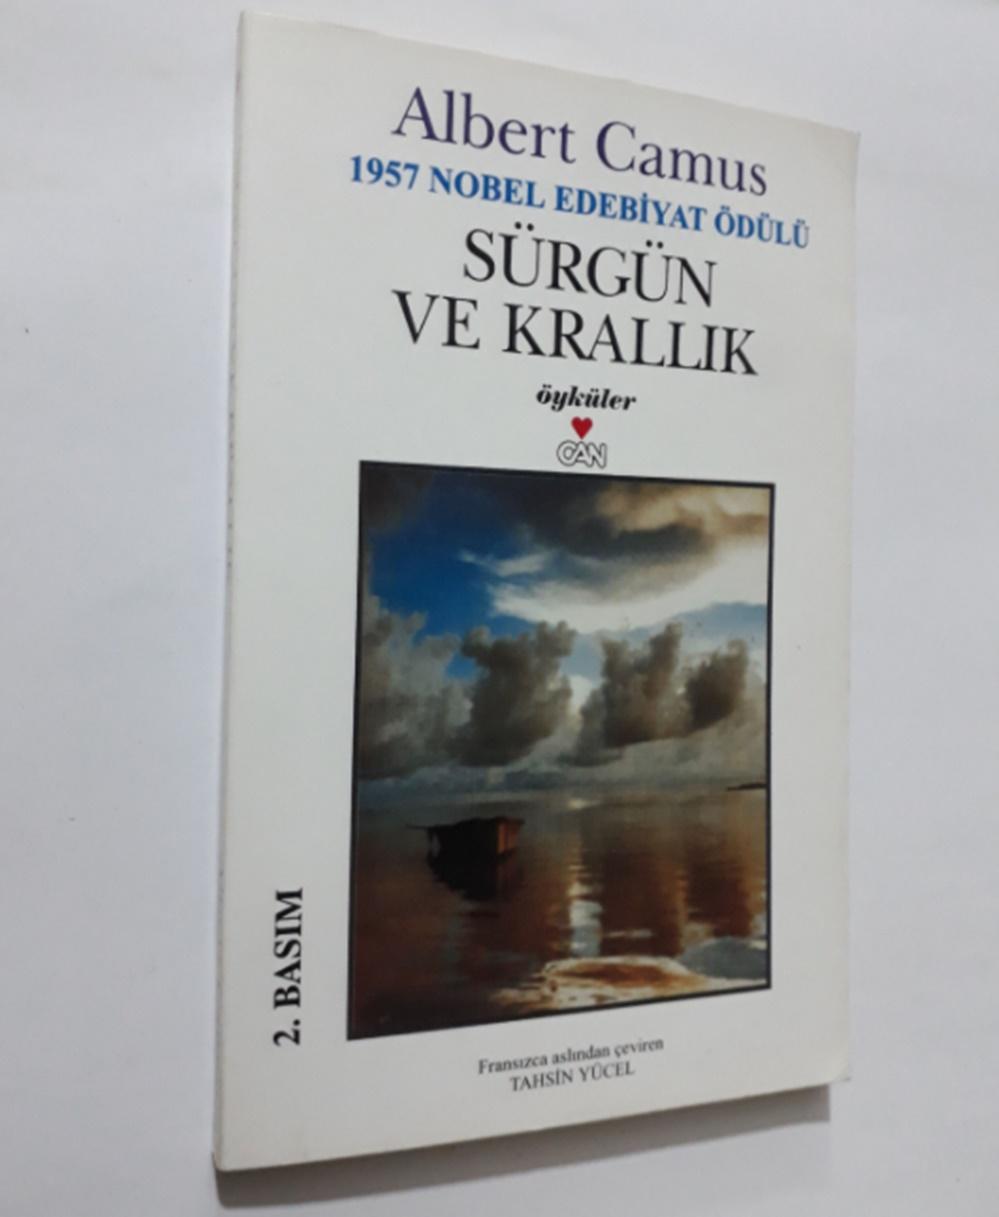 Albert Camus kitapları Sürgün ve Krallık adlı kitap